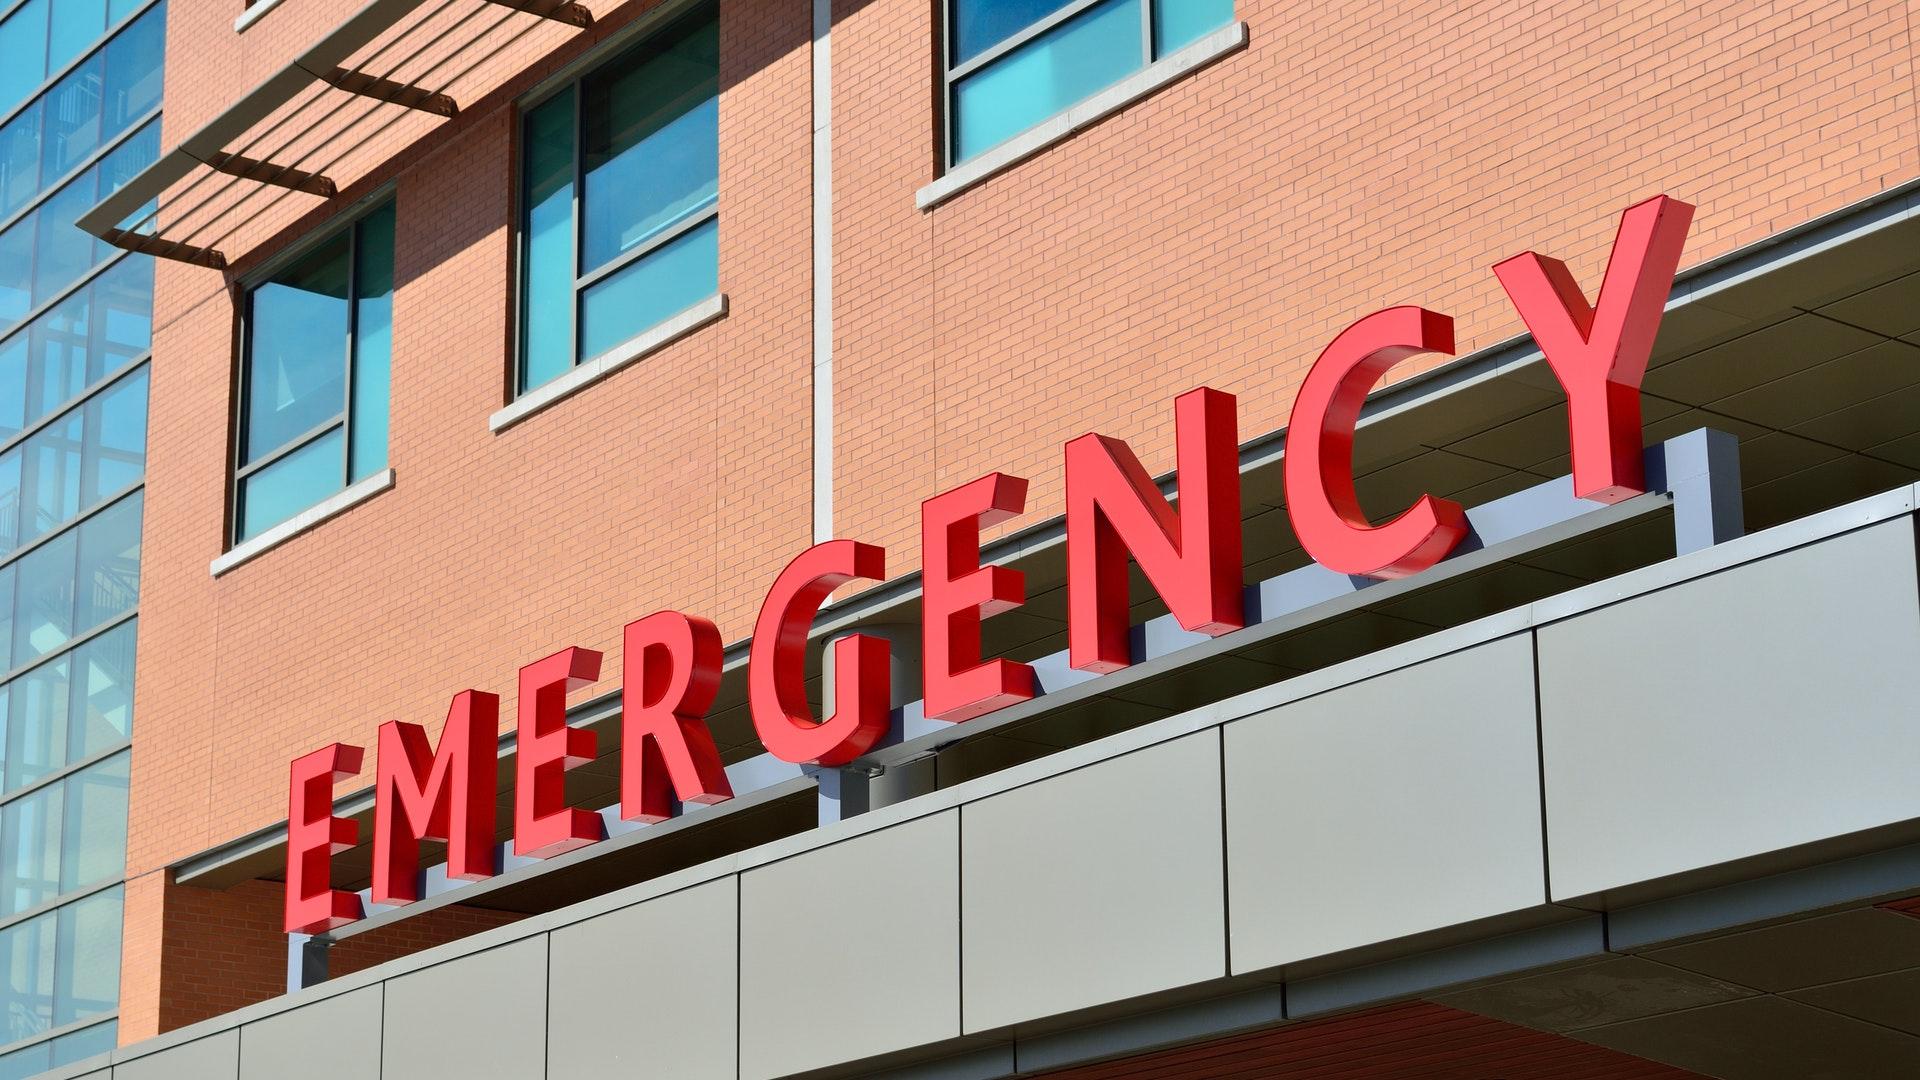 Emergency Room Header